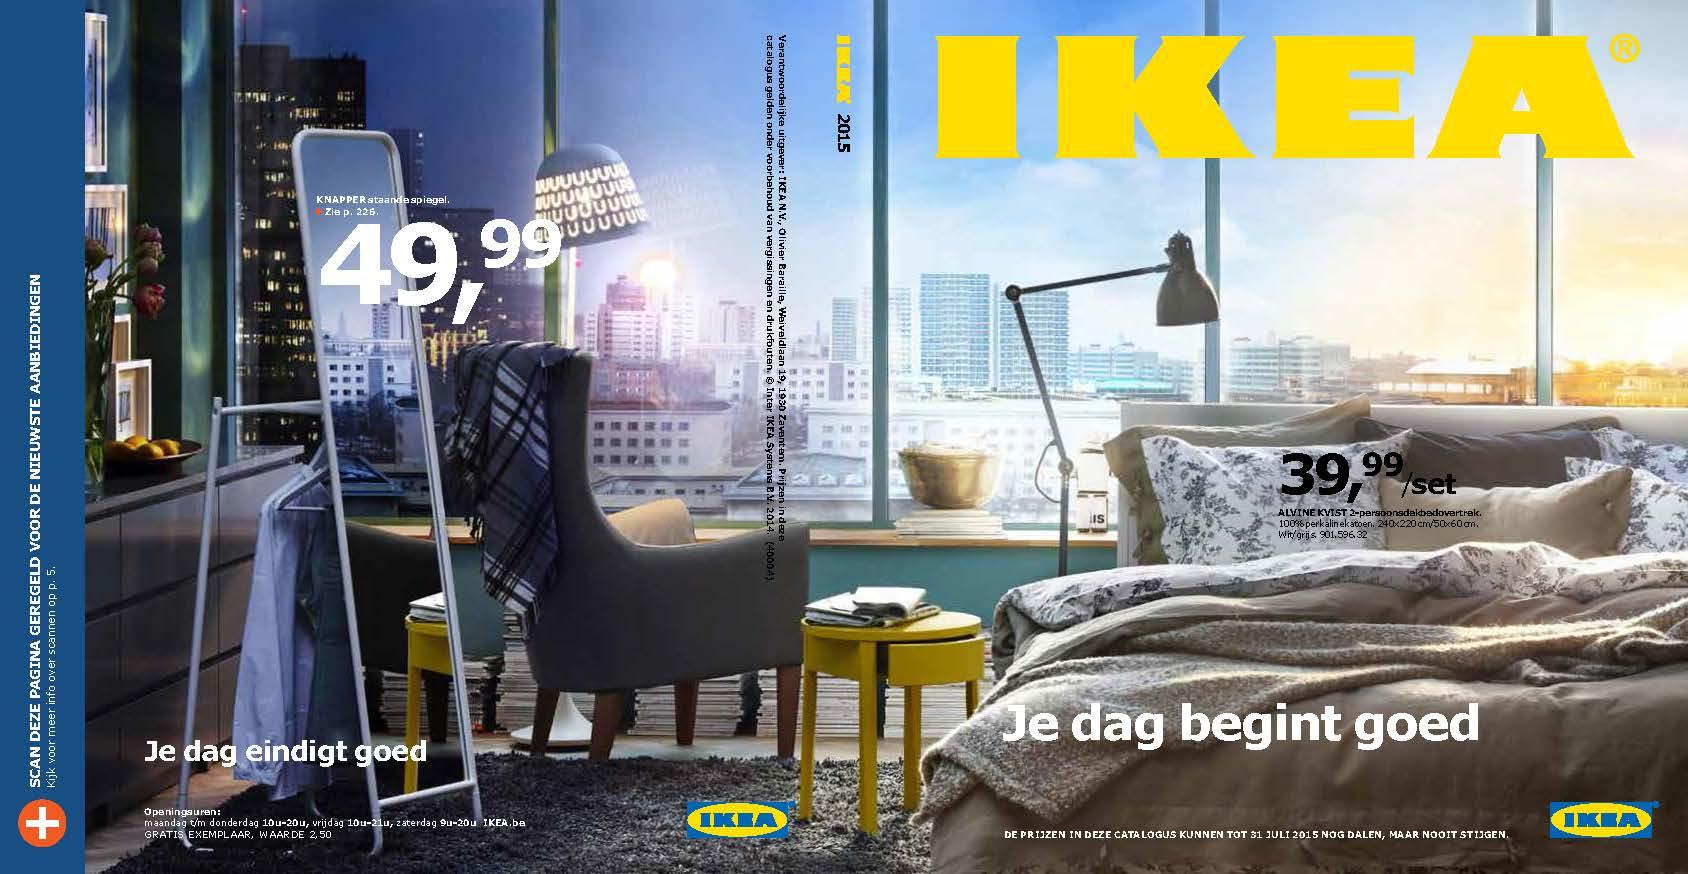 Ikea Slaapkamer Belgie : 2014 ikea anniversary html maar ook op de ikea belgium facebook pagina